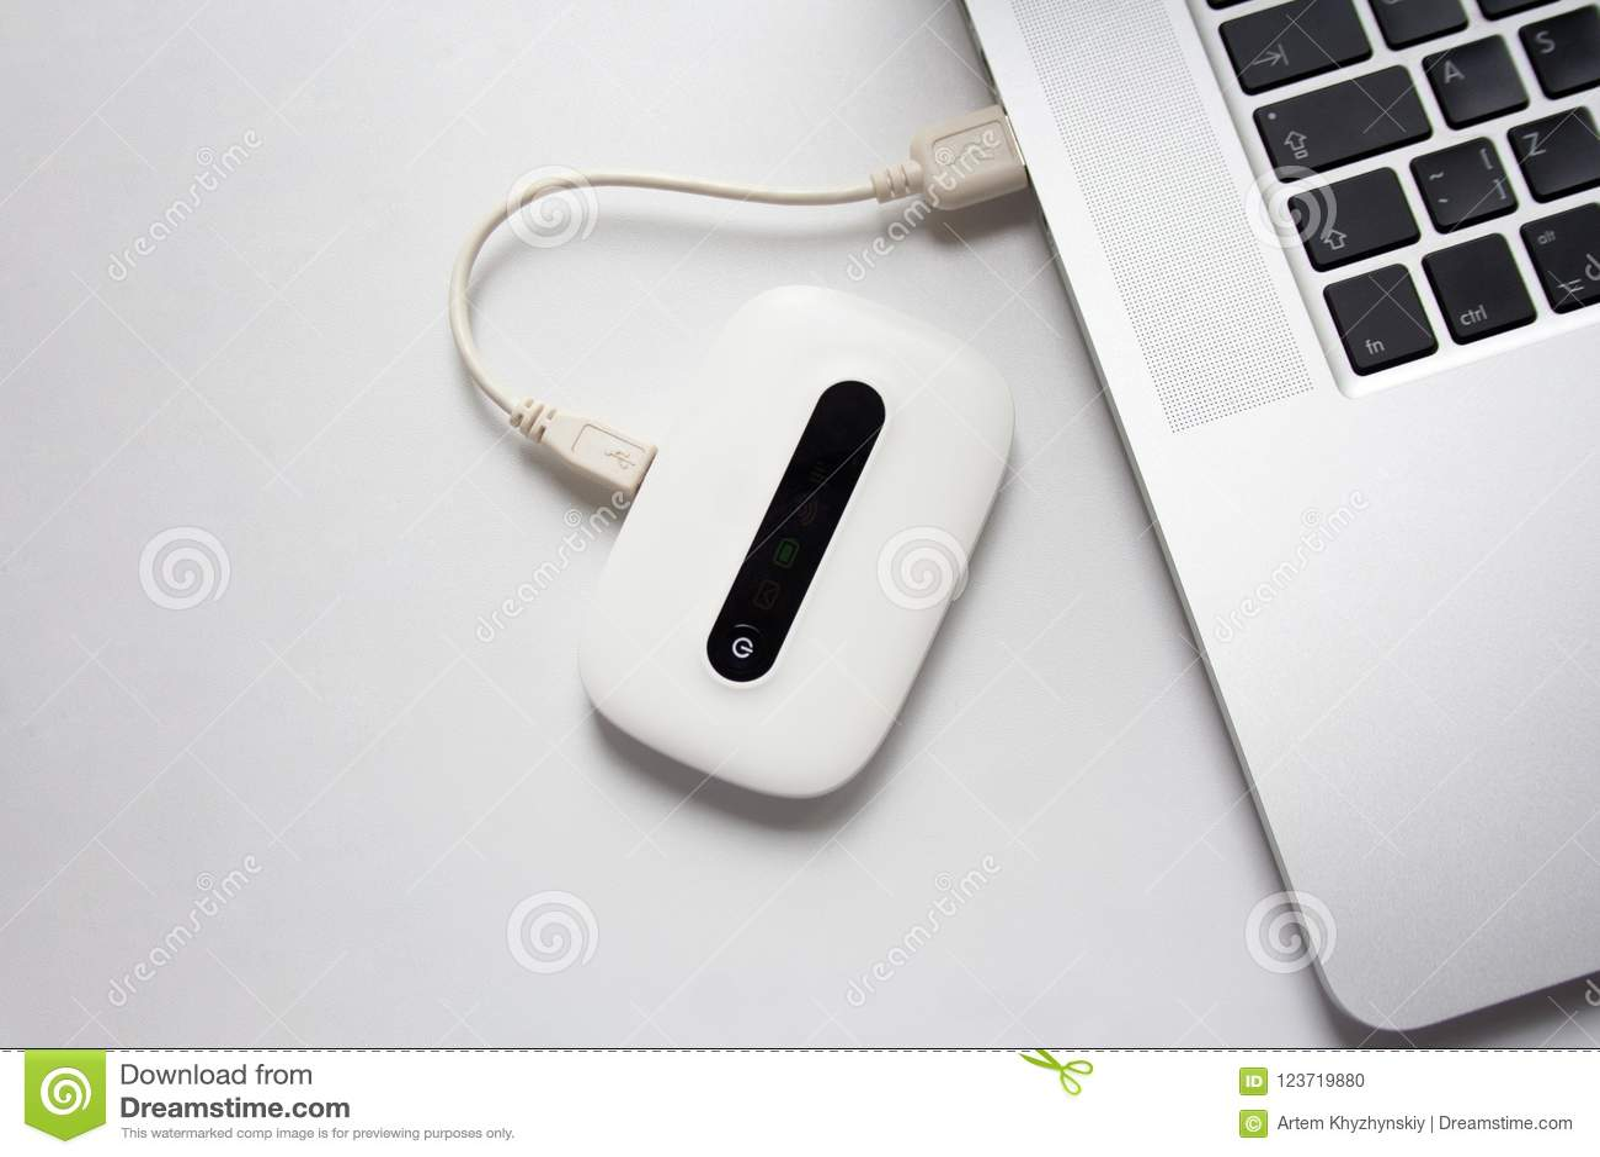 Wit mobiel die WiFi met laptop wordt verbonden